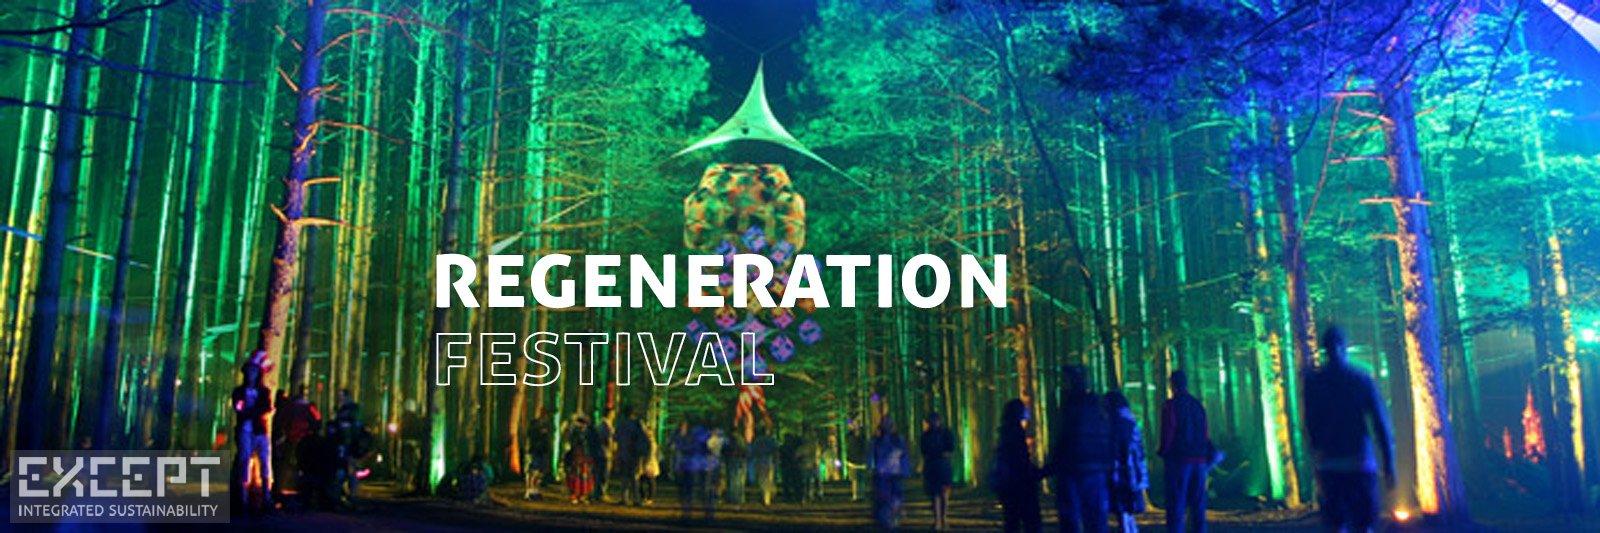 regen_festival -